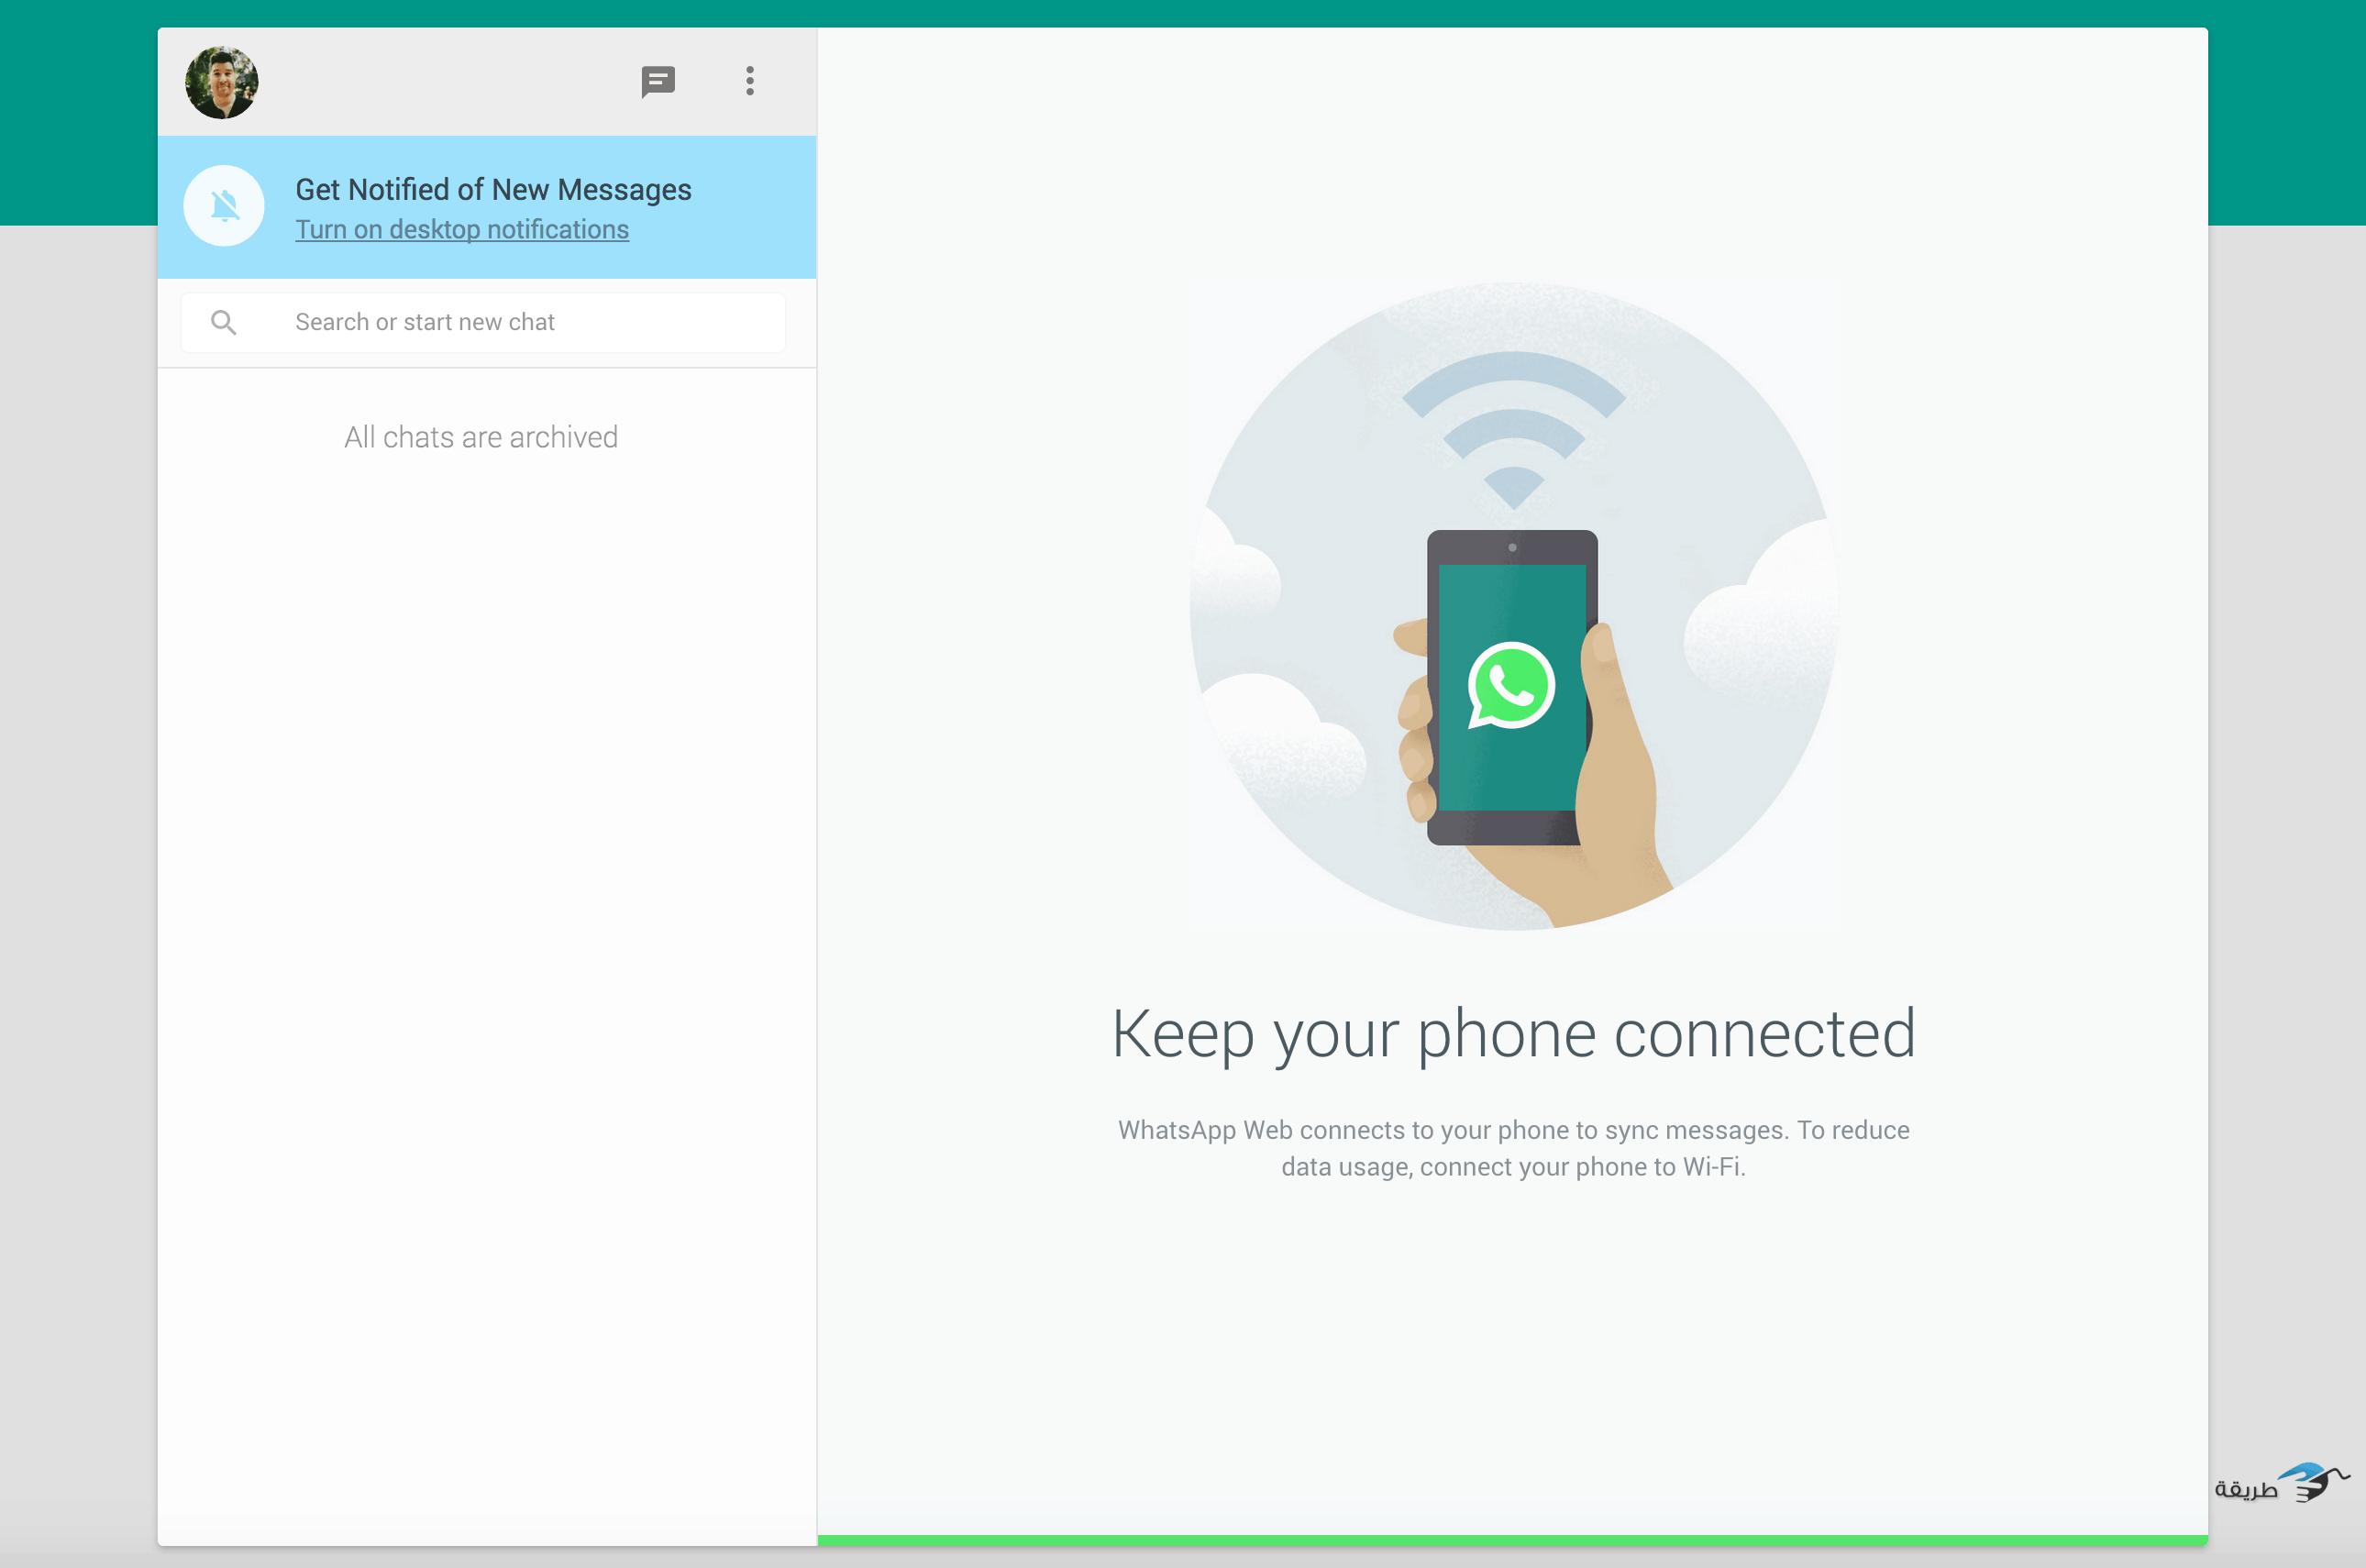 تشغيل الواتس اب من الكمبيوتر